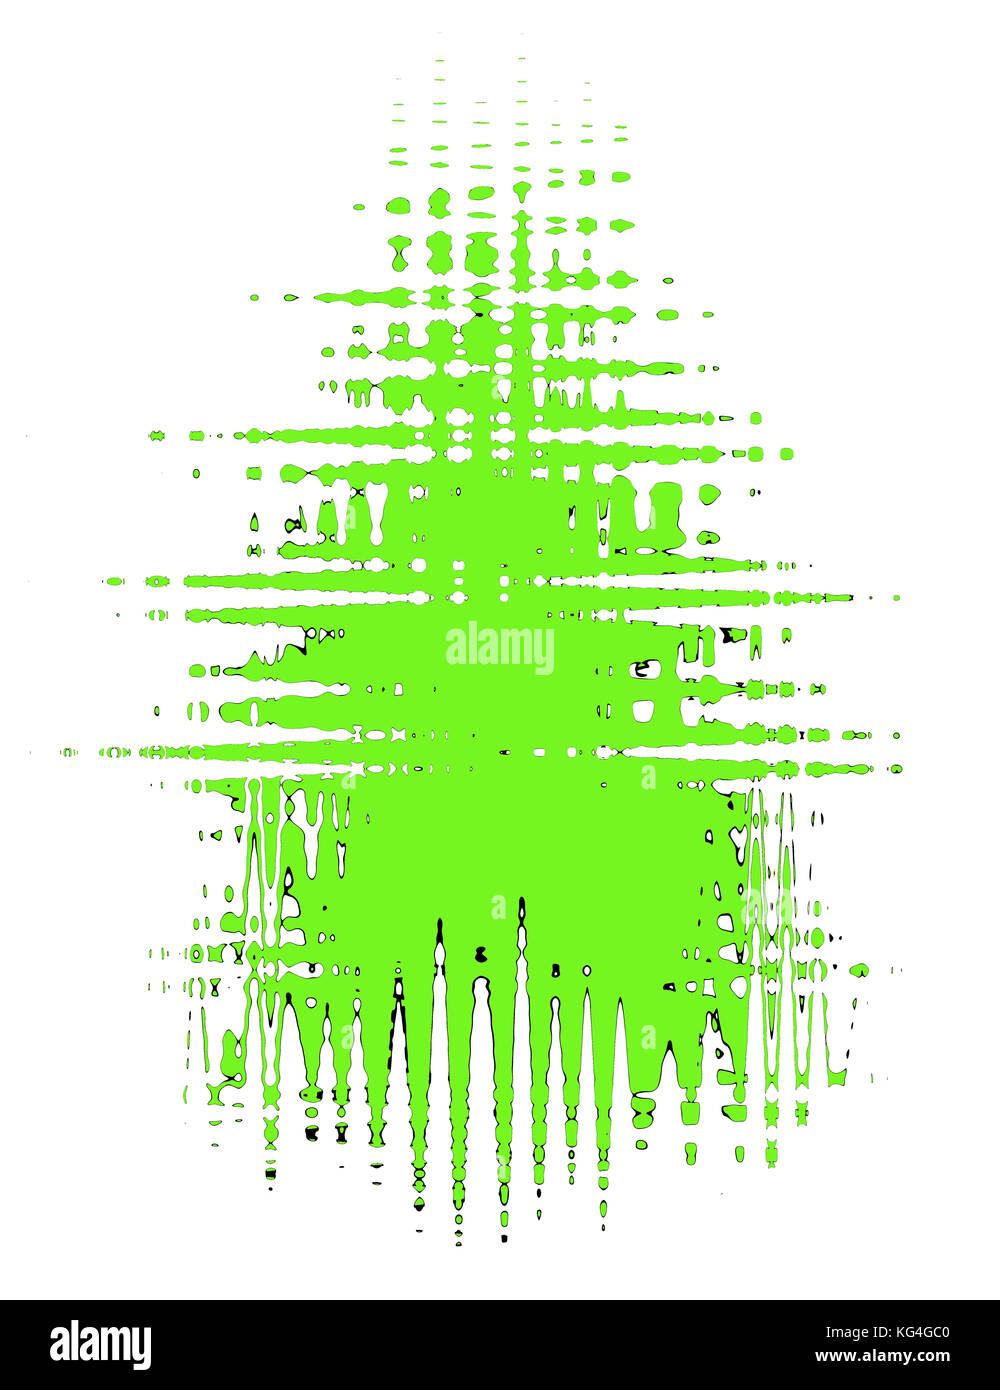 Weihnachtbaum stilisiert,kunst, weihnachtskarte wandbild, papel tapiz, arte, árbol de navidad , buena impresión, de una postal o ilustraciones Foto de stock